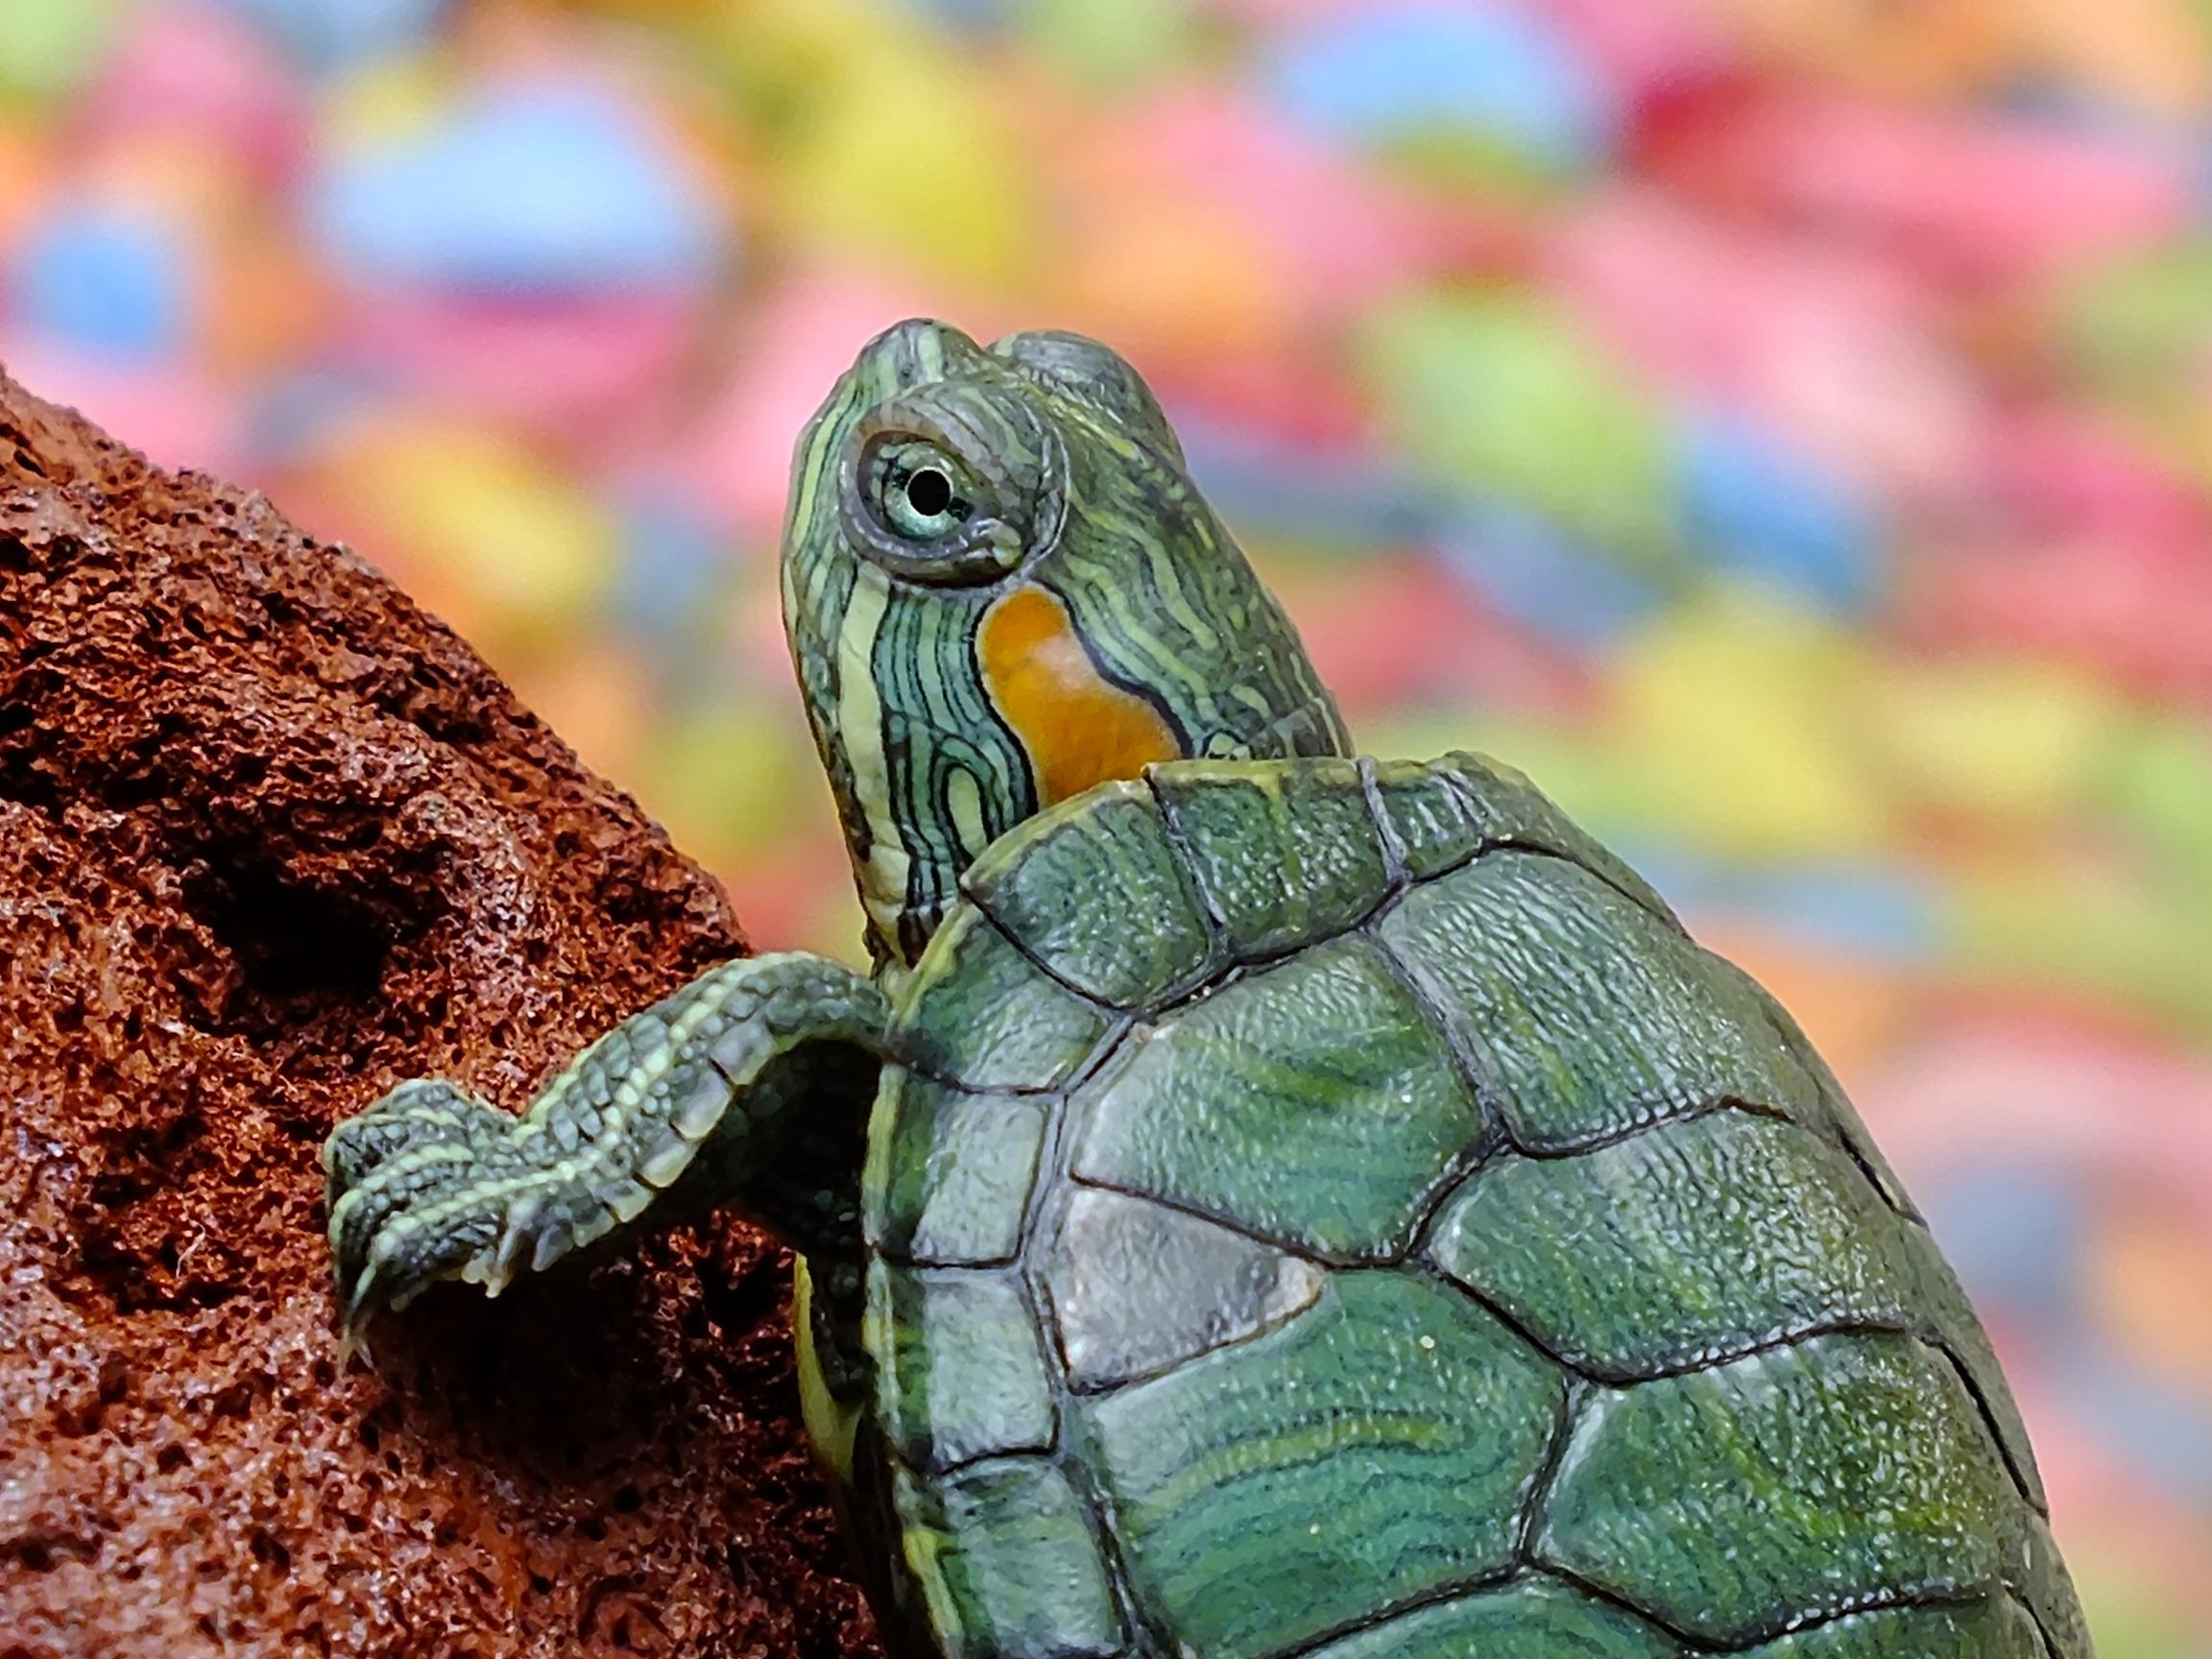 turtle-animals-water-creature-loggerhead-sea-turtle-65885.jpeg